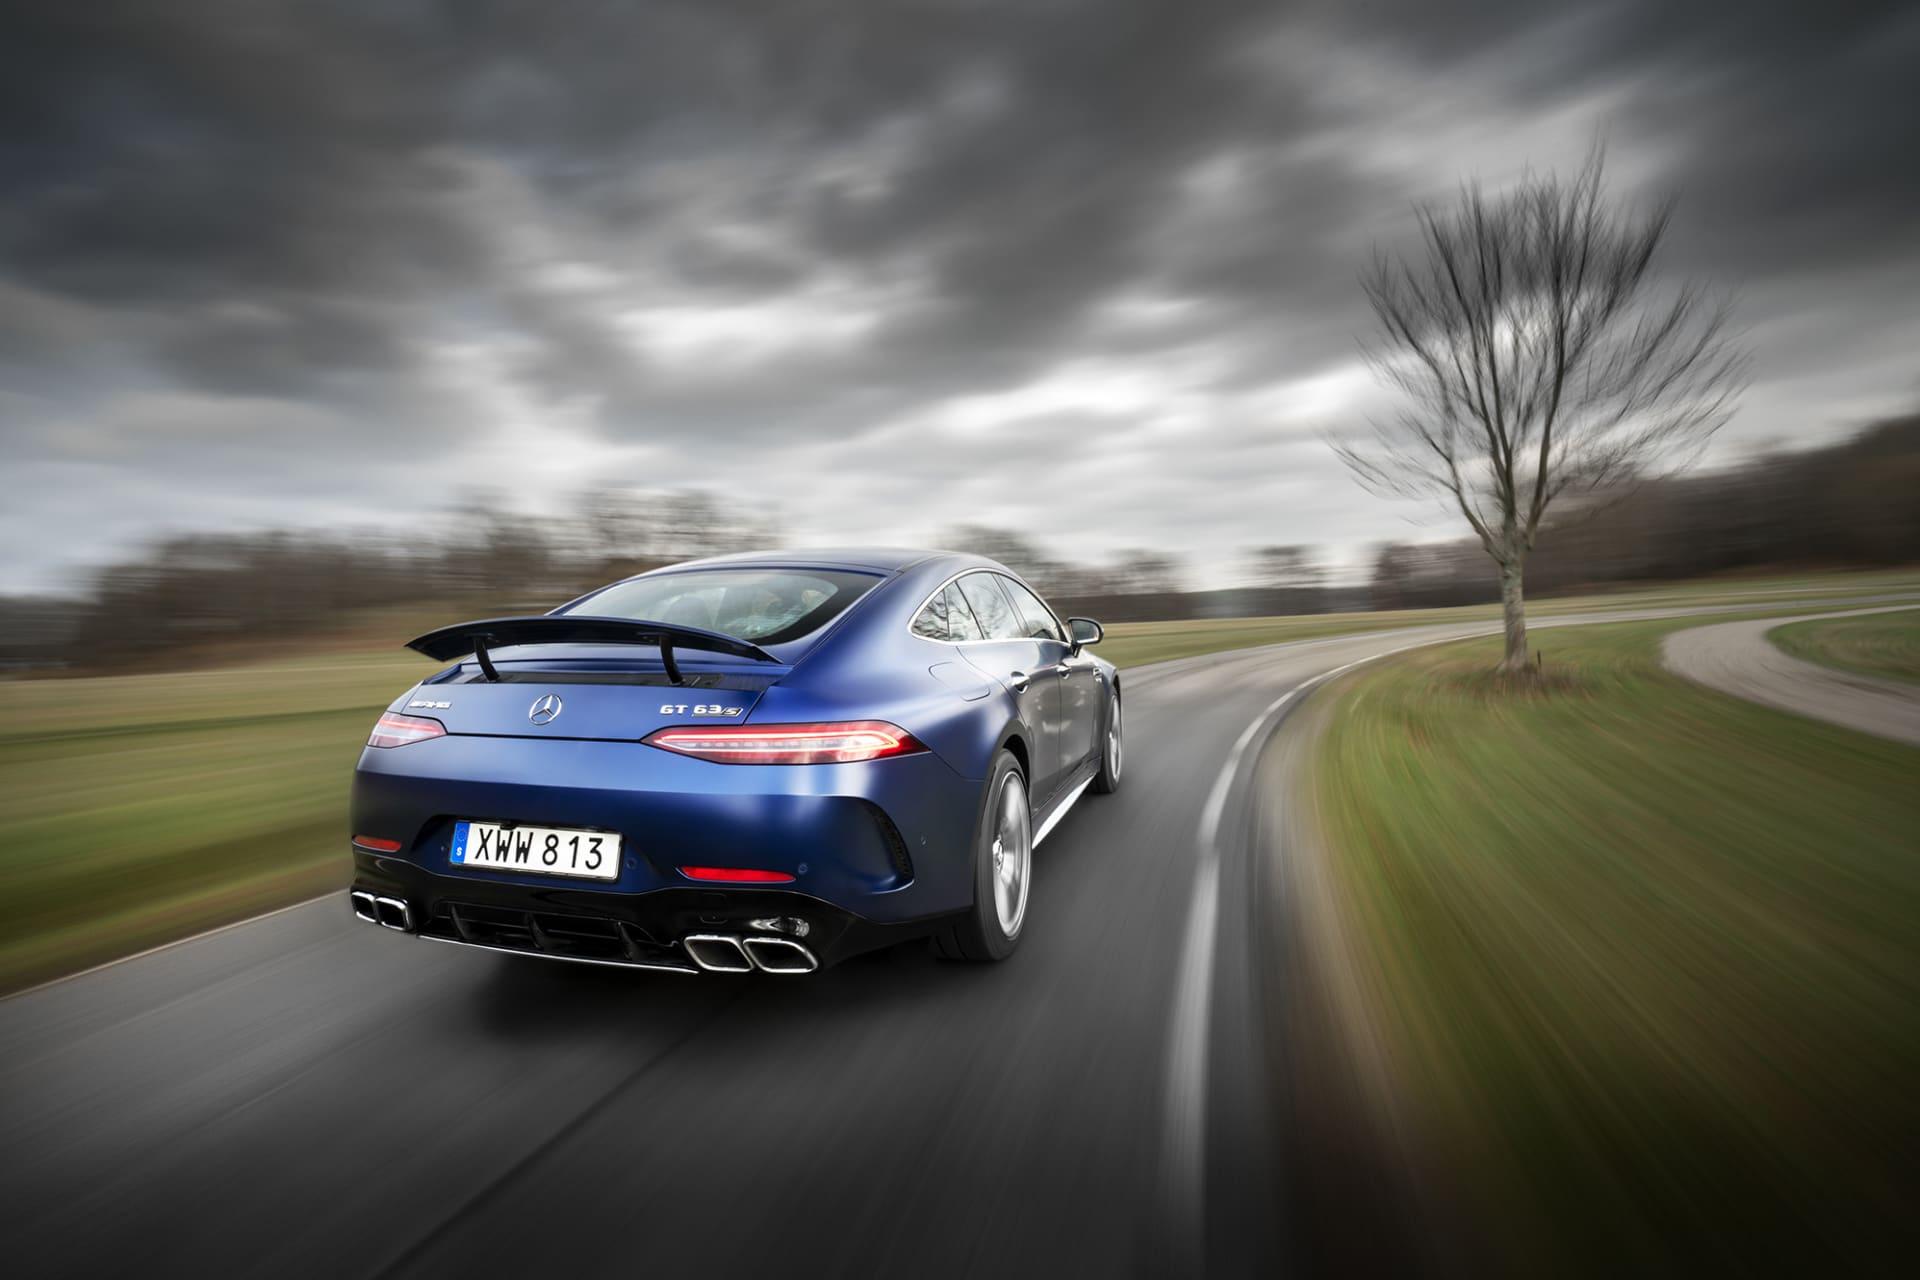 Om det hade varit möjligt att sväva bakom en AMG GT63s på full gas hade det varit bättre än många musikkonserter jag upplevt. Ljudet är fulländat trots att det är en turbomatad motor.